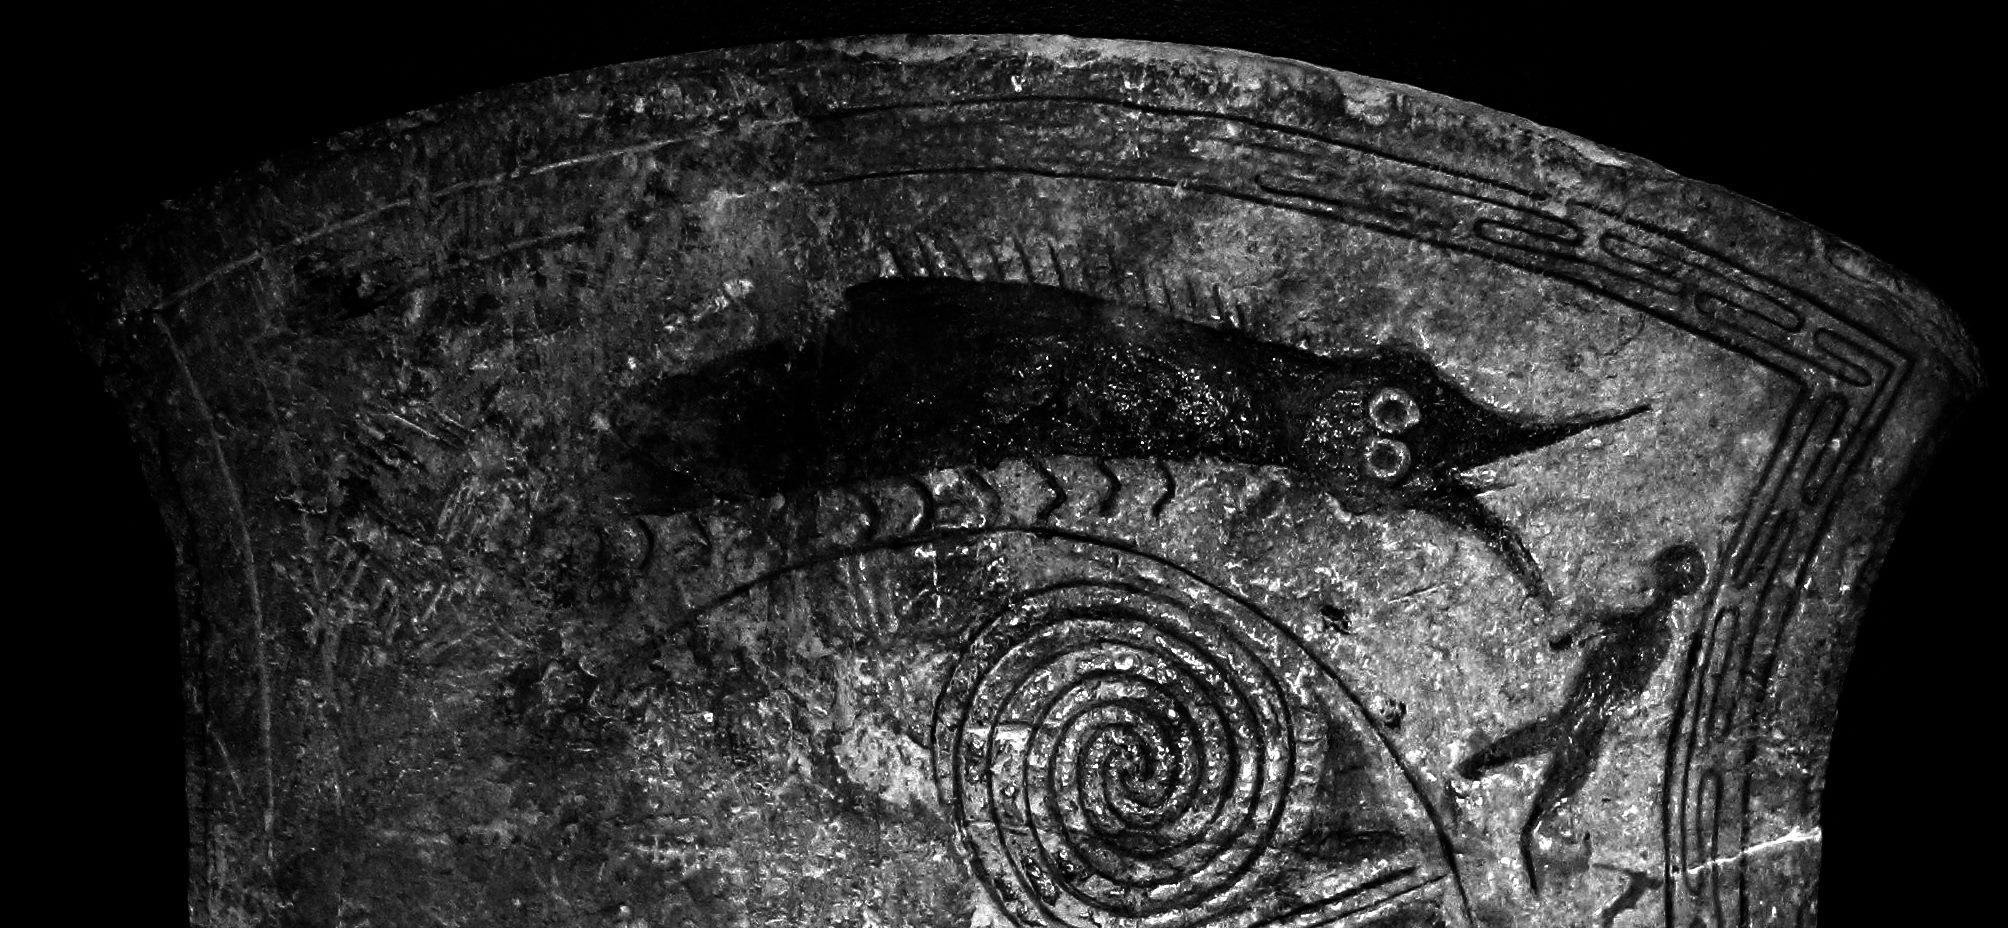 Gotlandic picture stone, c. 6th century